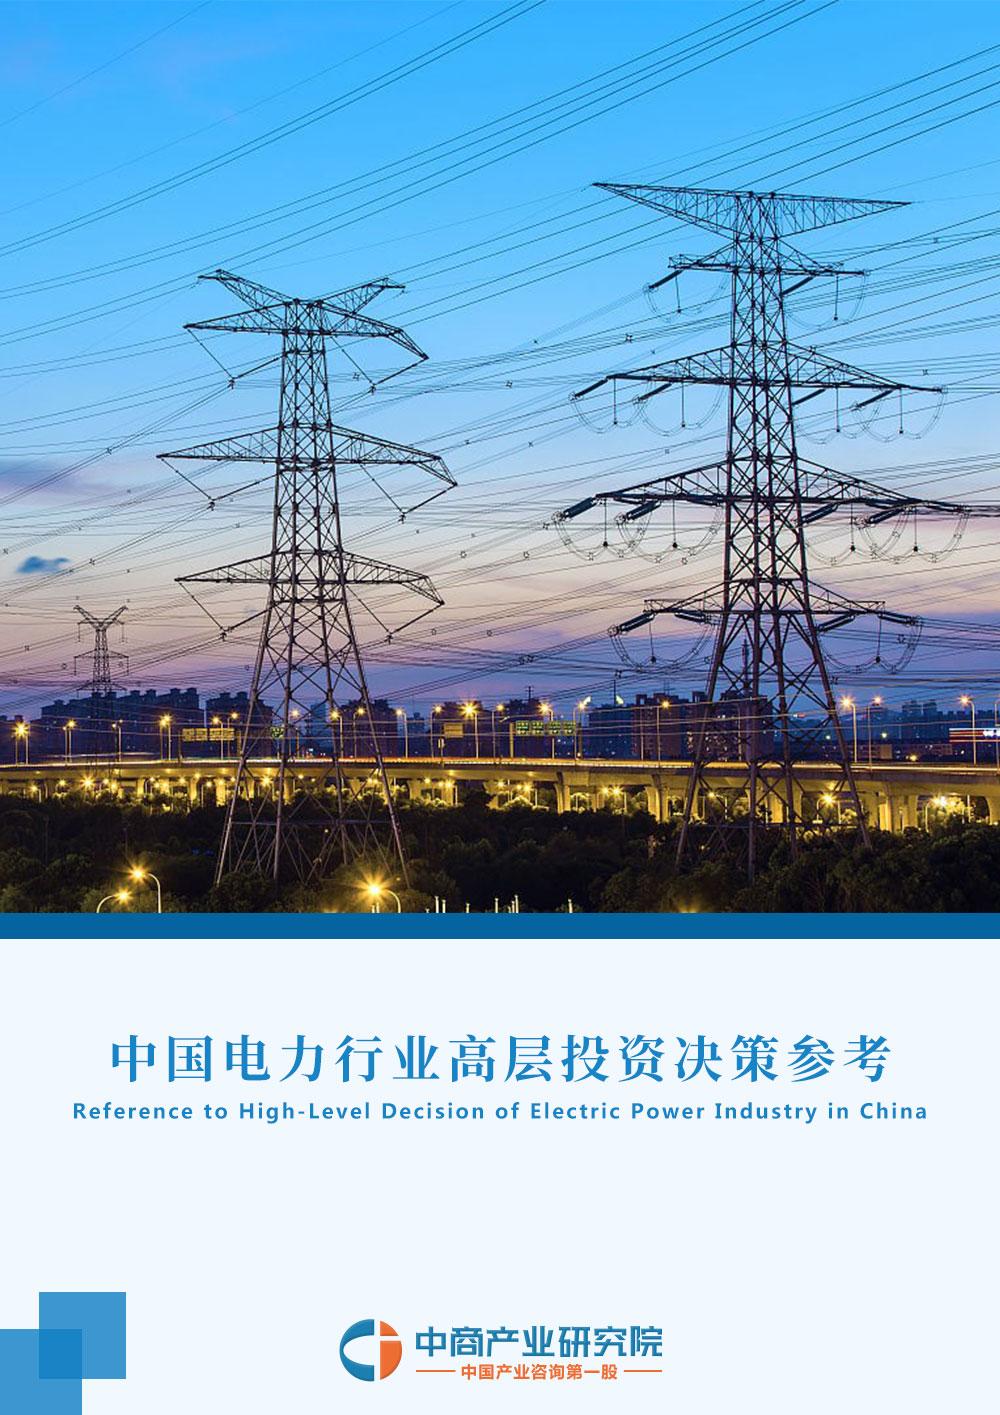 中国电力行业投资决策参考(2018年11月)